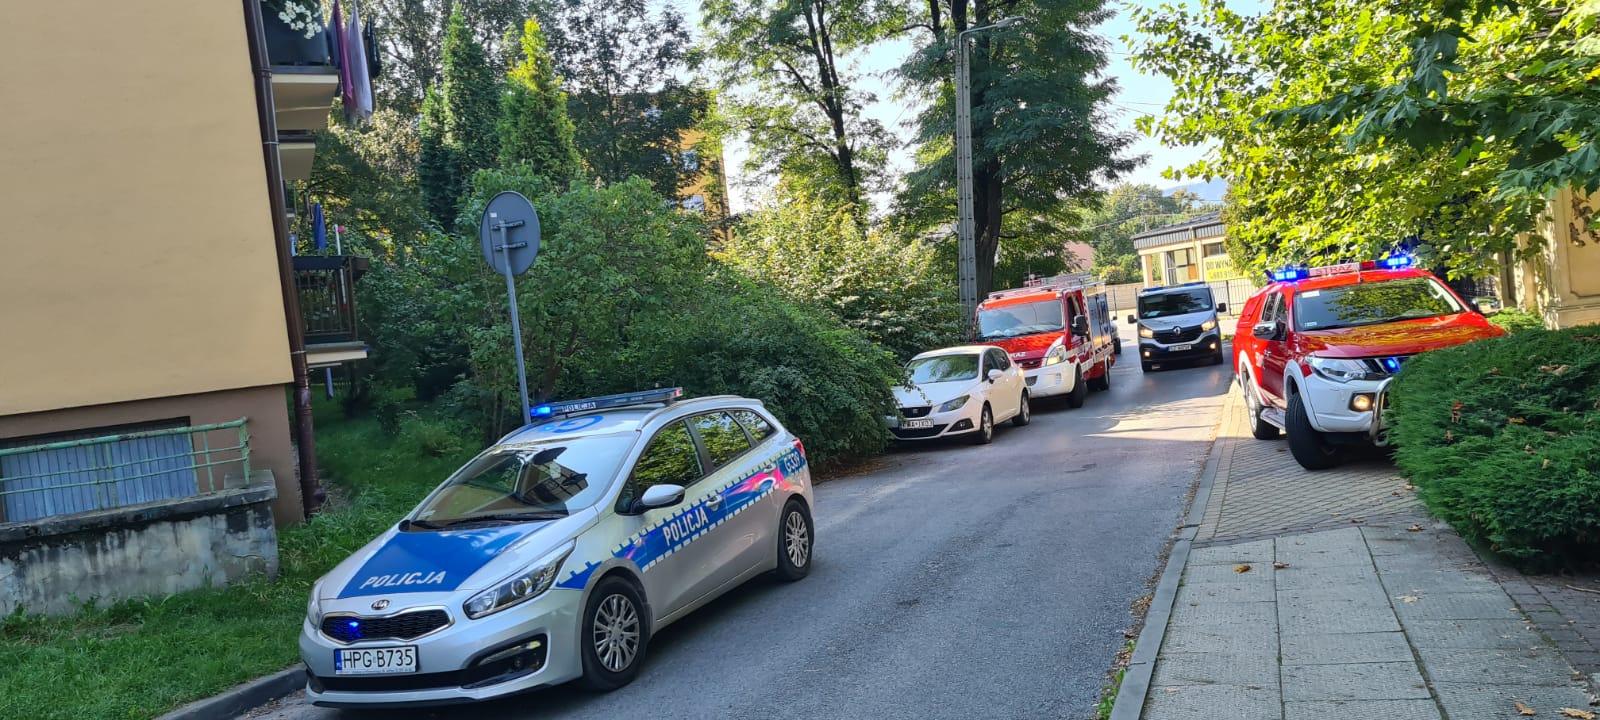 Ewakuacja w Andrychowie, znaleziono skład amunicji [FOTO] [AKTUALIZACJA]